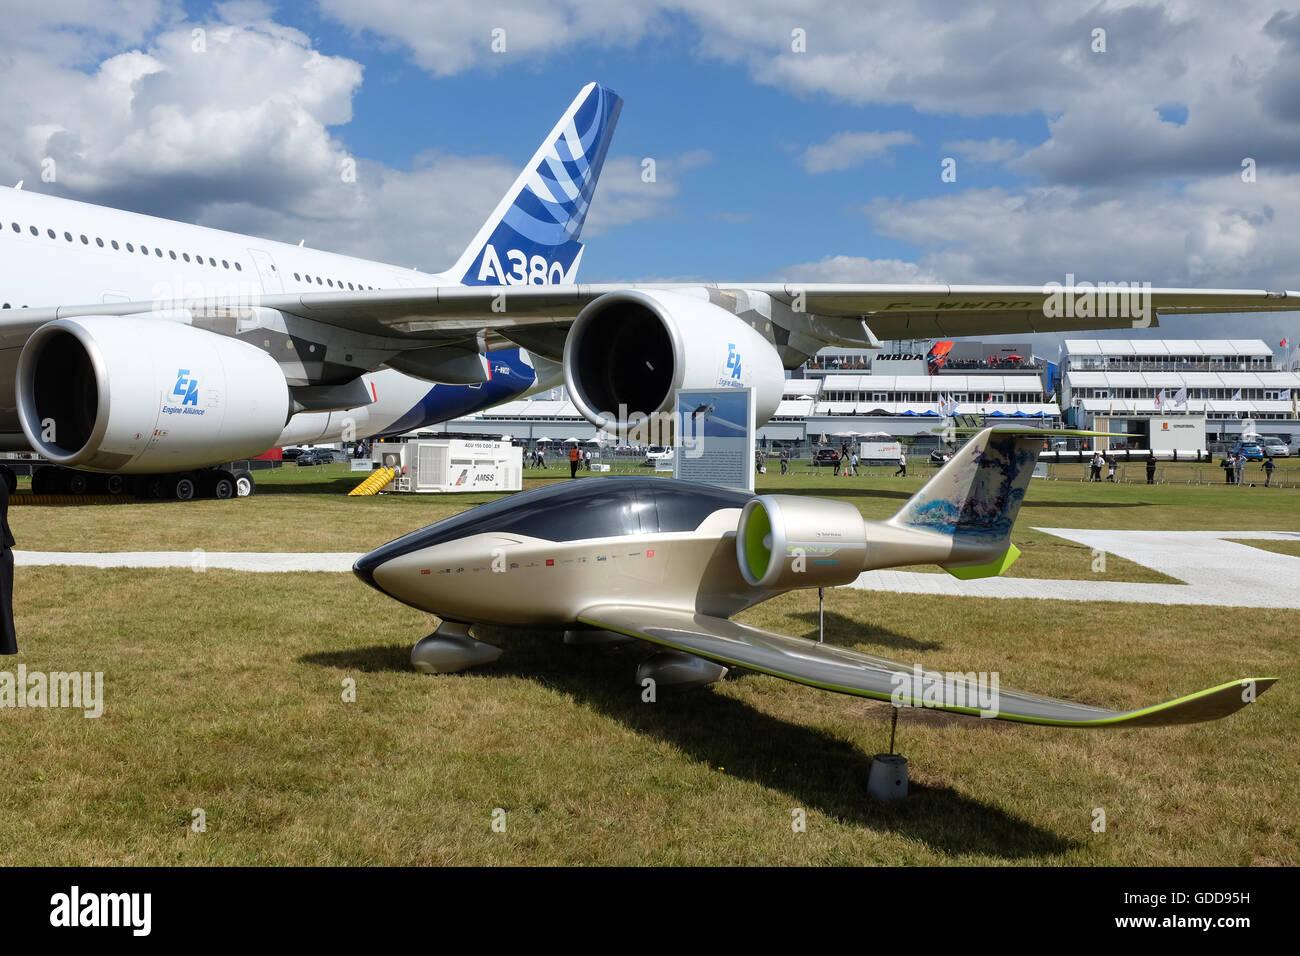 El Airbus E-Ventilador junto al avión Airbus A380 mucho mayor. Imagen De Stock